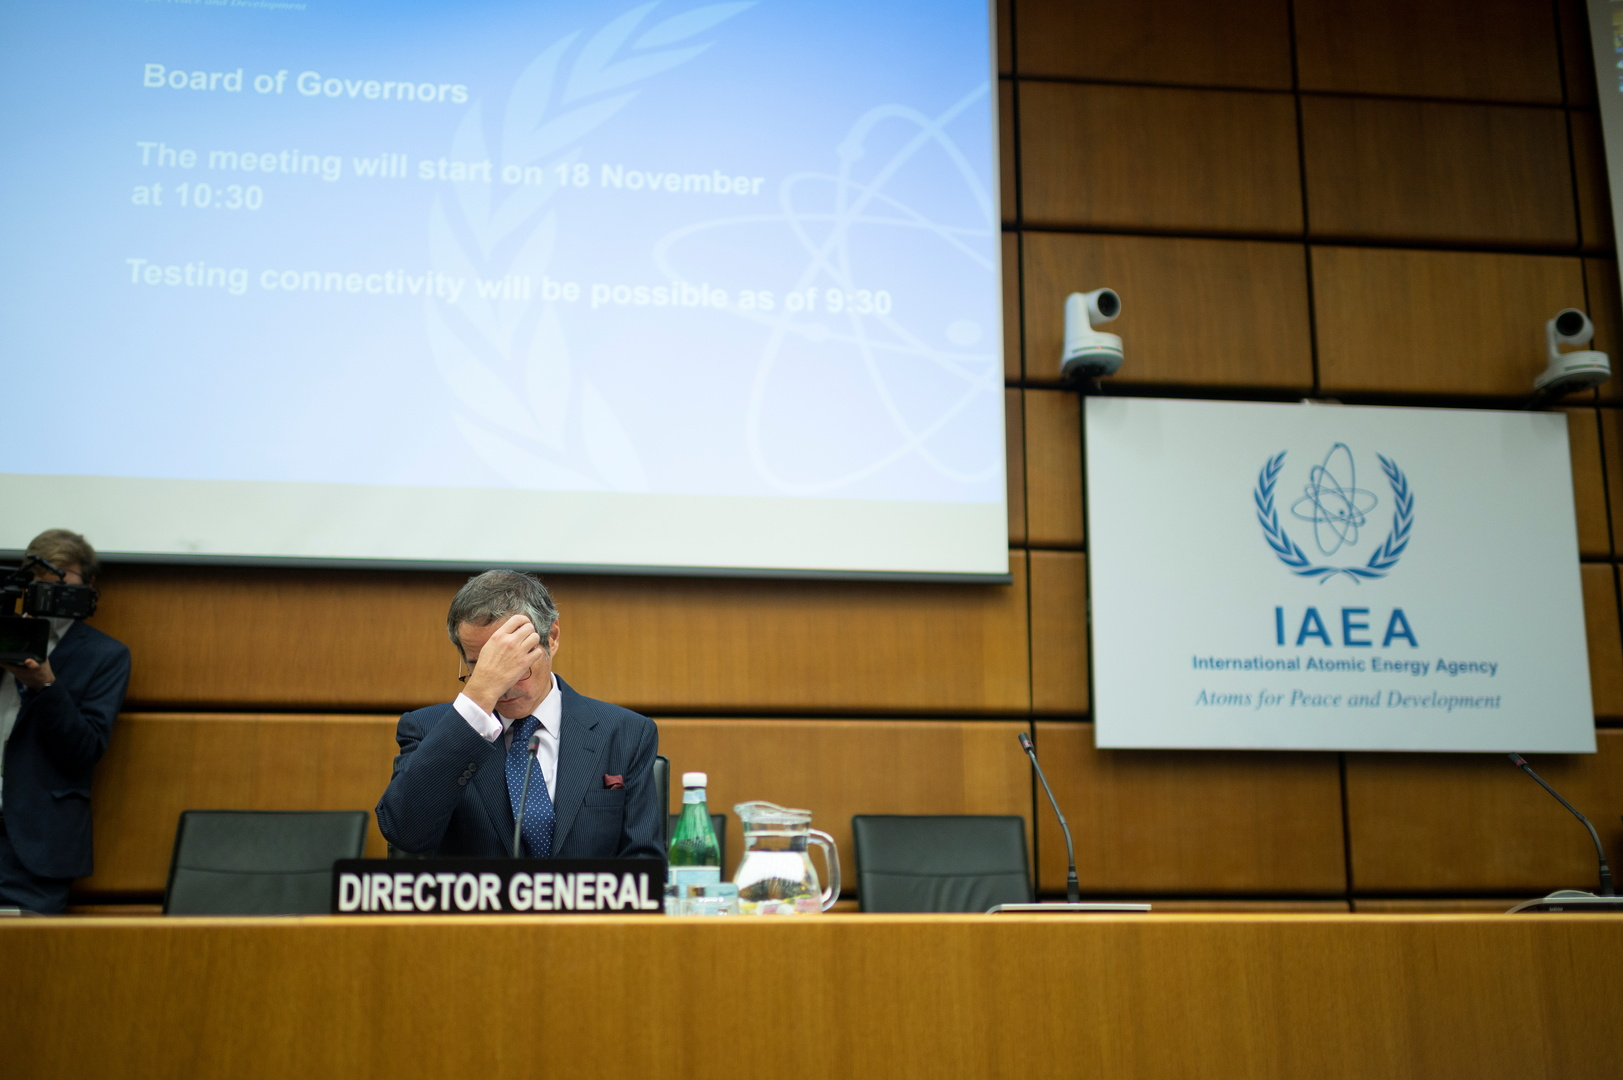 الوكالة الدولية للطاقة الذرية: إحياء الاتفاق النووي الإيراني يجب أن يتم خلال الأسابيع المقبلة